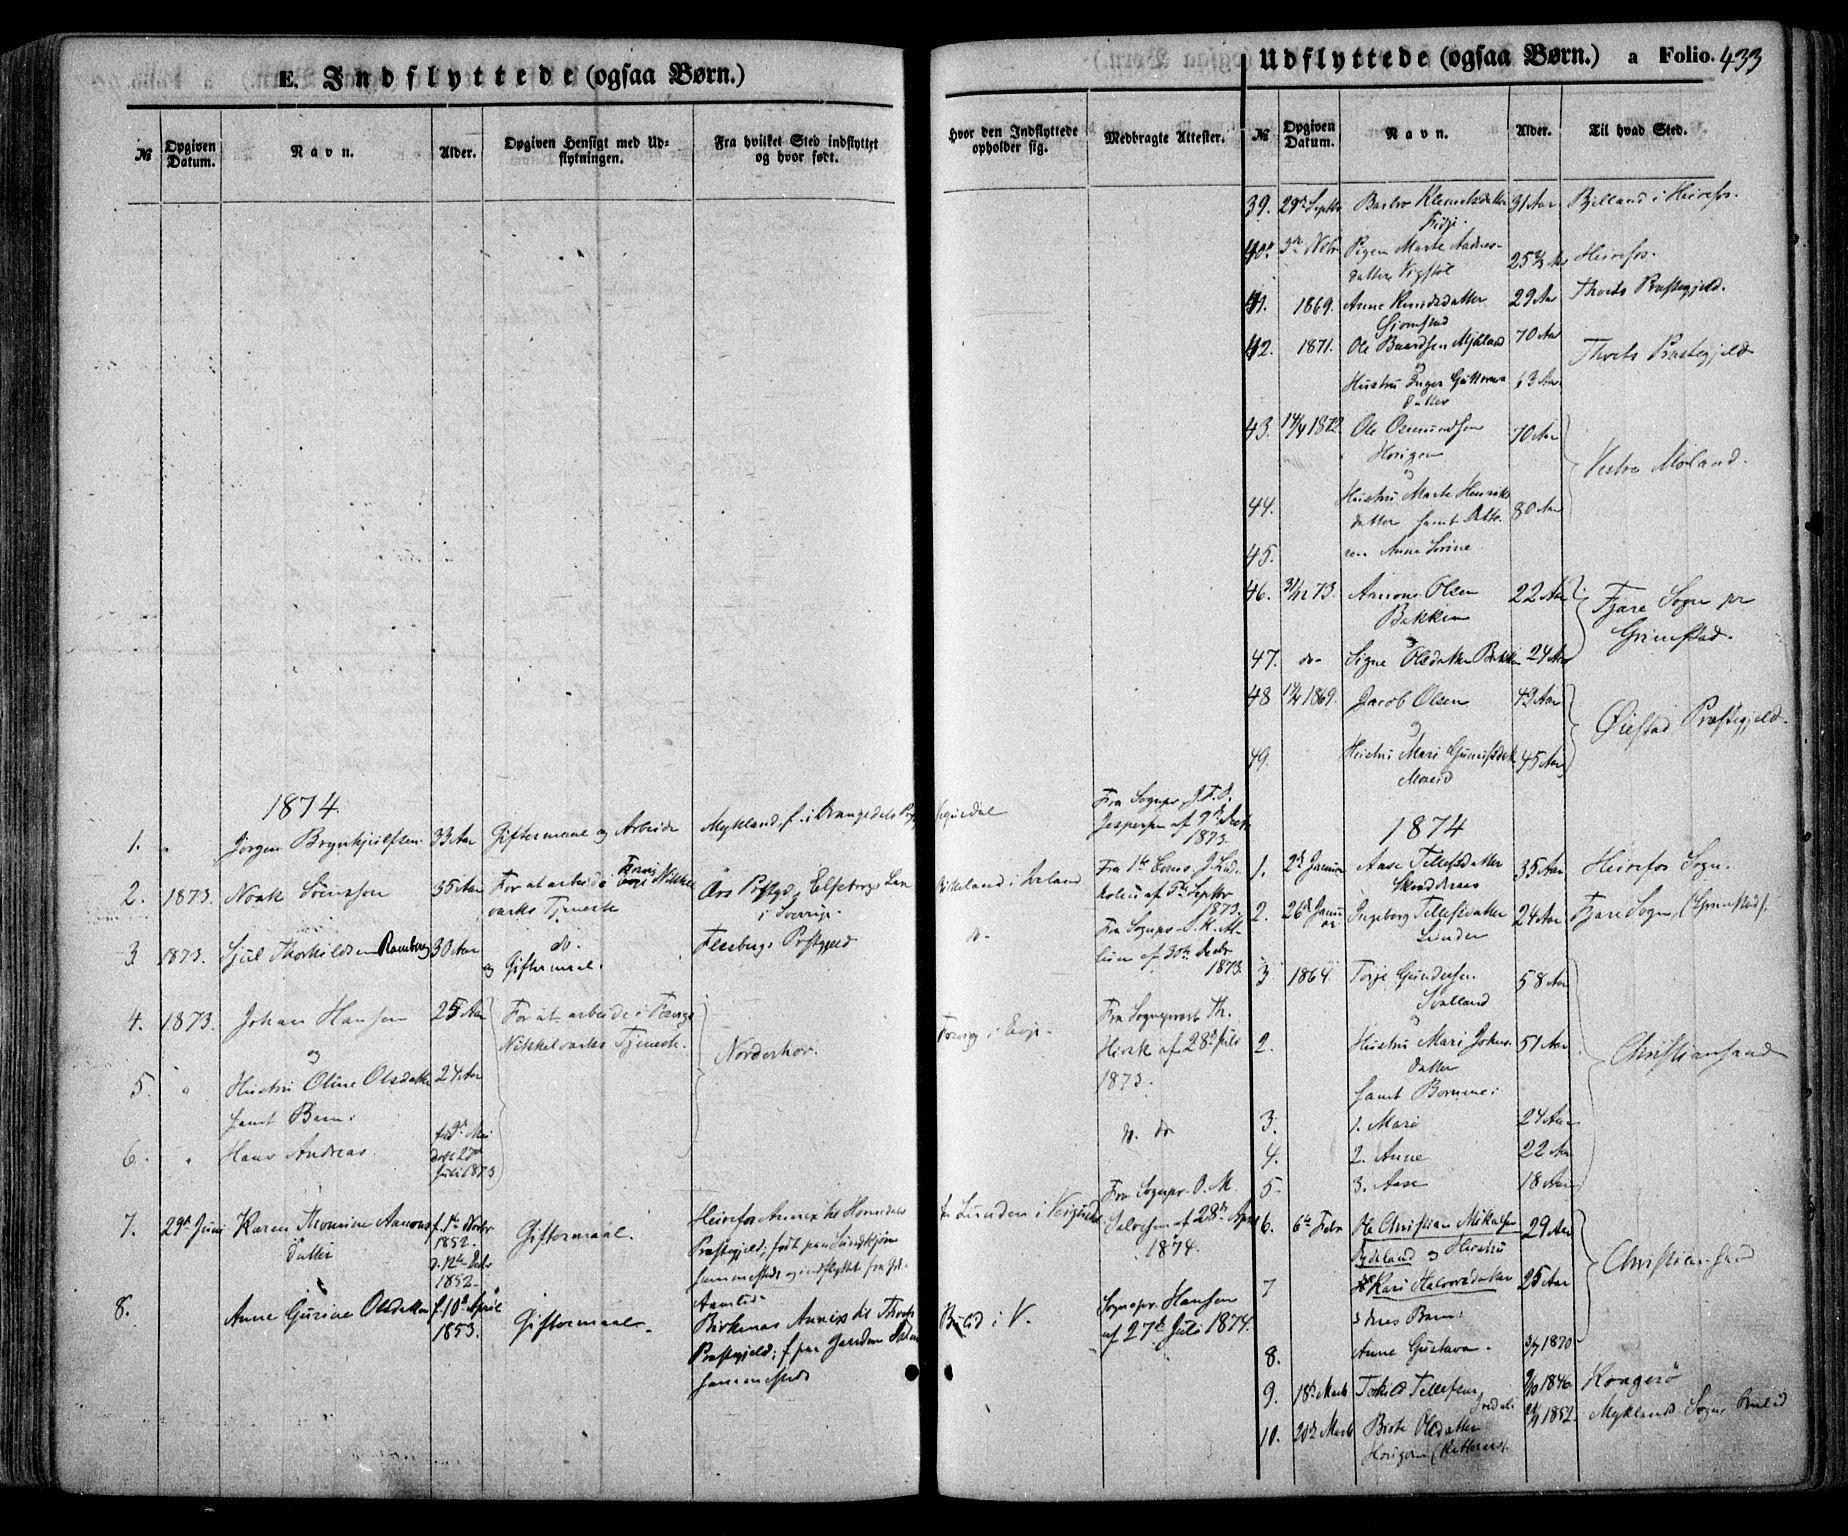 SAK, Evje sokneprestkontor, F/Fa/Faa/L0006: Ministerialbok nr. A 6, 1866-1884, s. 433